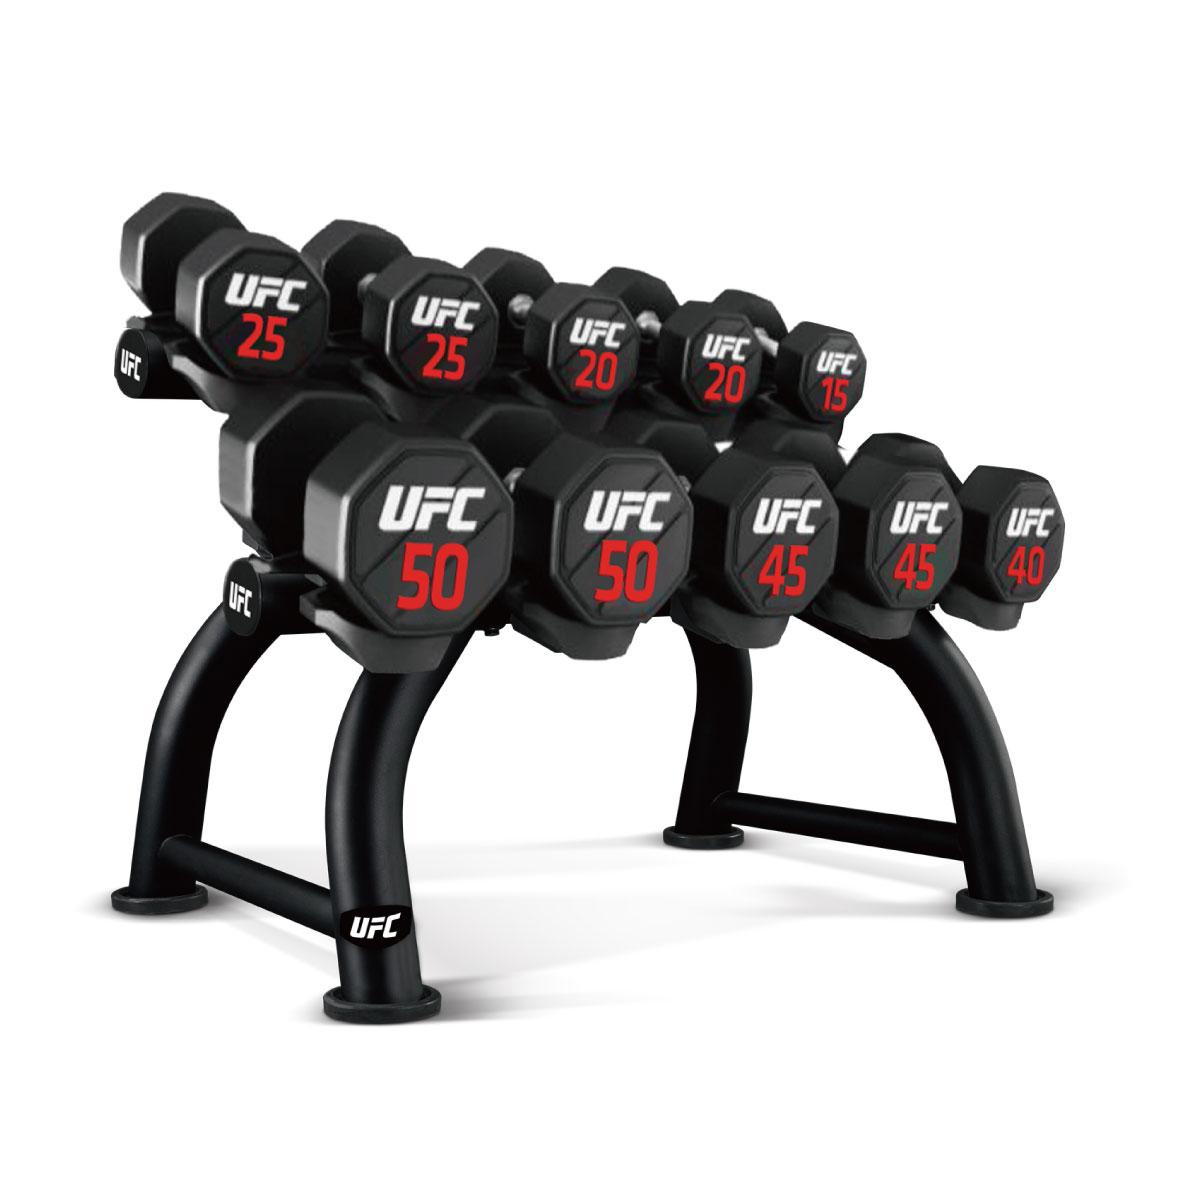 ダンベルラック/ダンベルホルダー5ペア収納(UFC-HF05-5103)〈業務用〉《総合格闘技UFCオフィシャル》